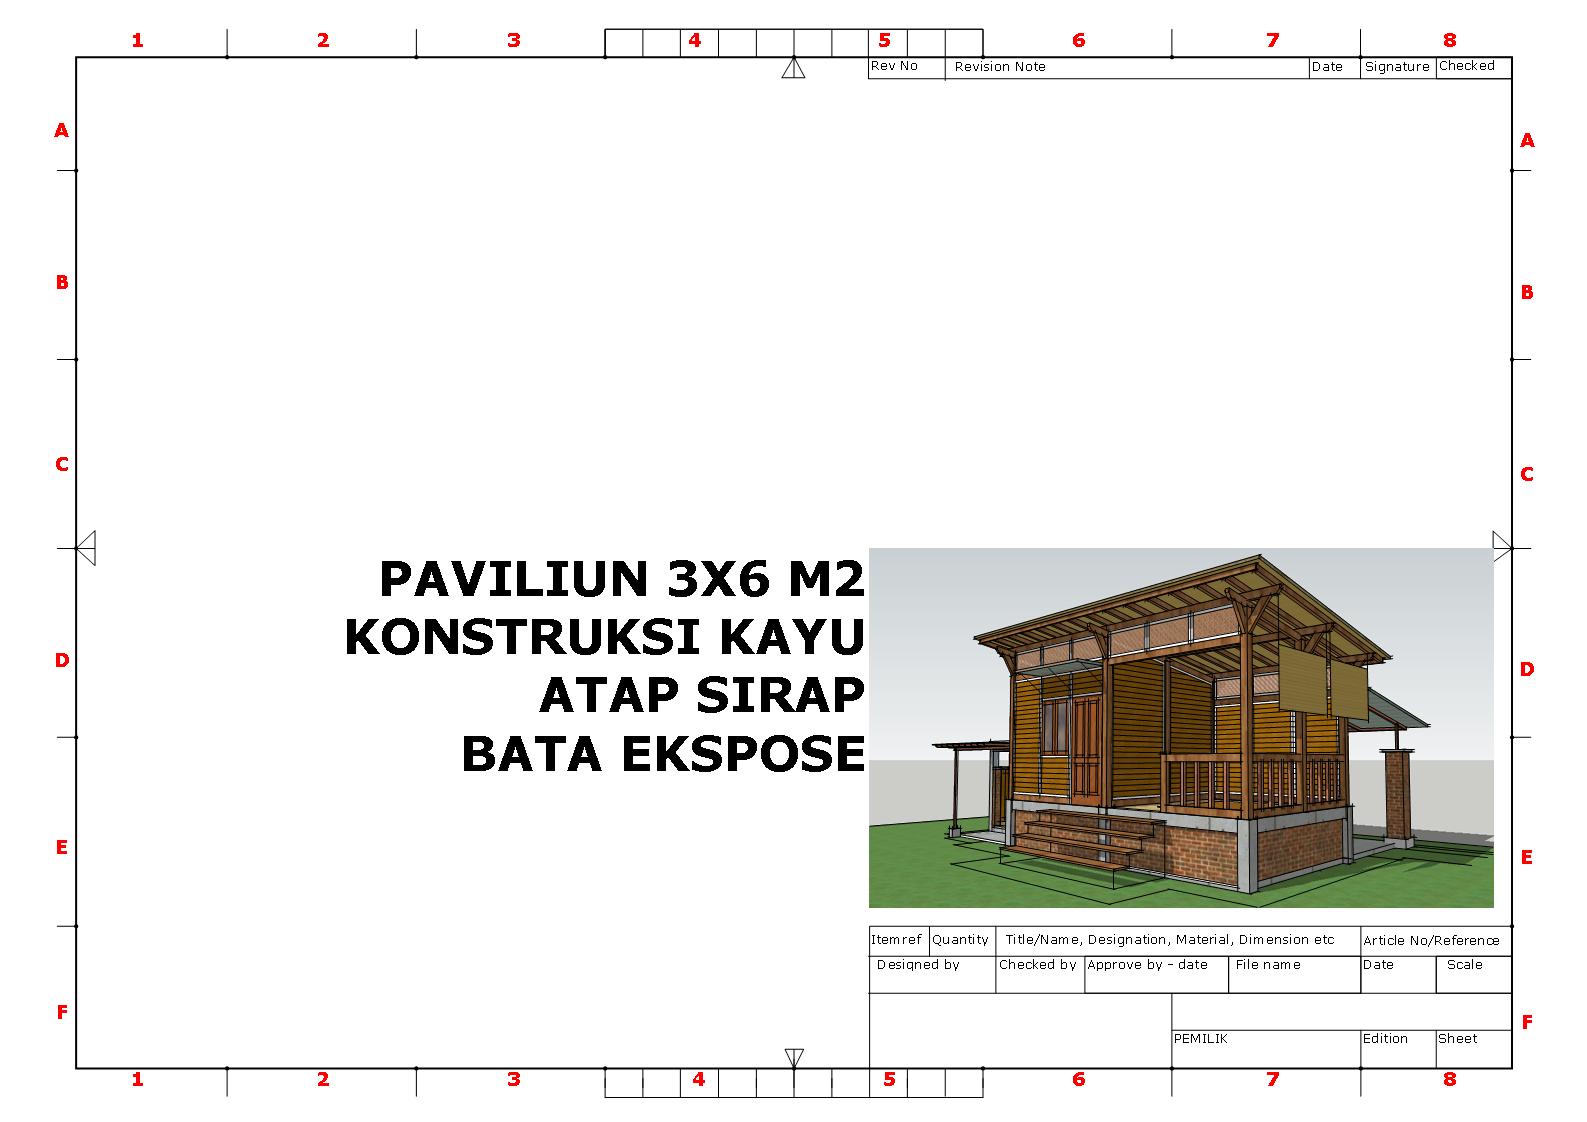 paviliun 3x6 m2 konstruksi kayu